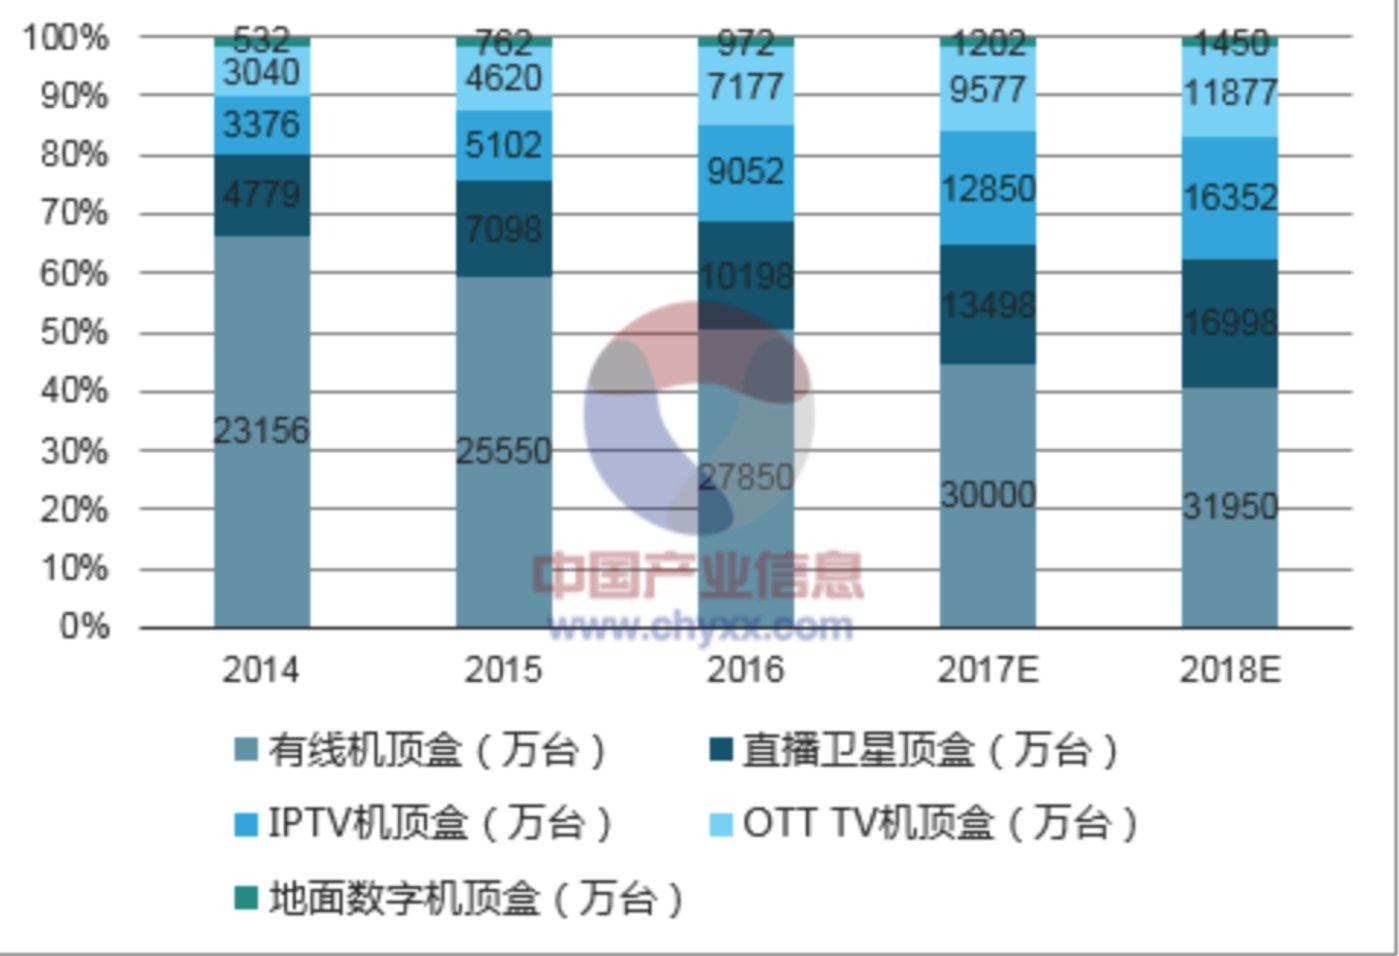 近4年来国内机顶盒总出货量状况(来源:中国产业信息网)